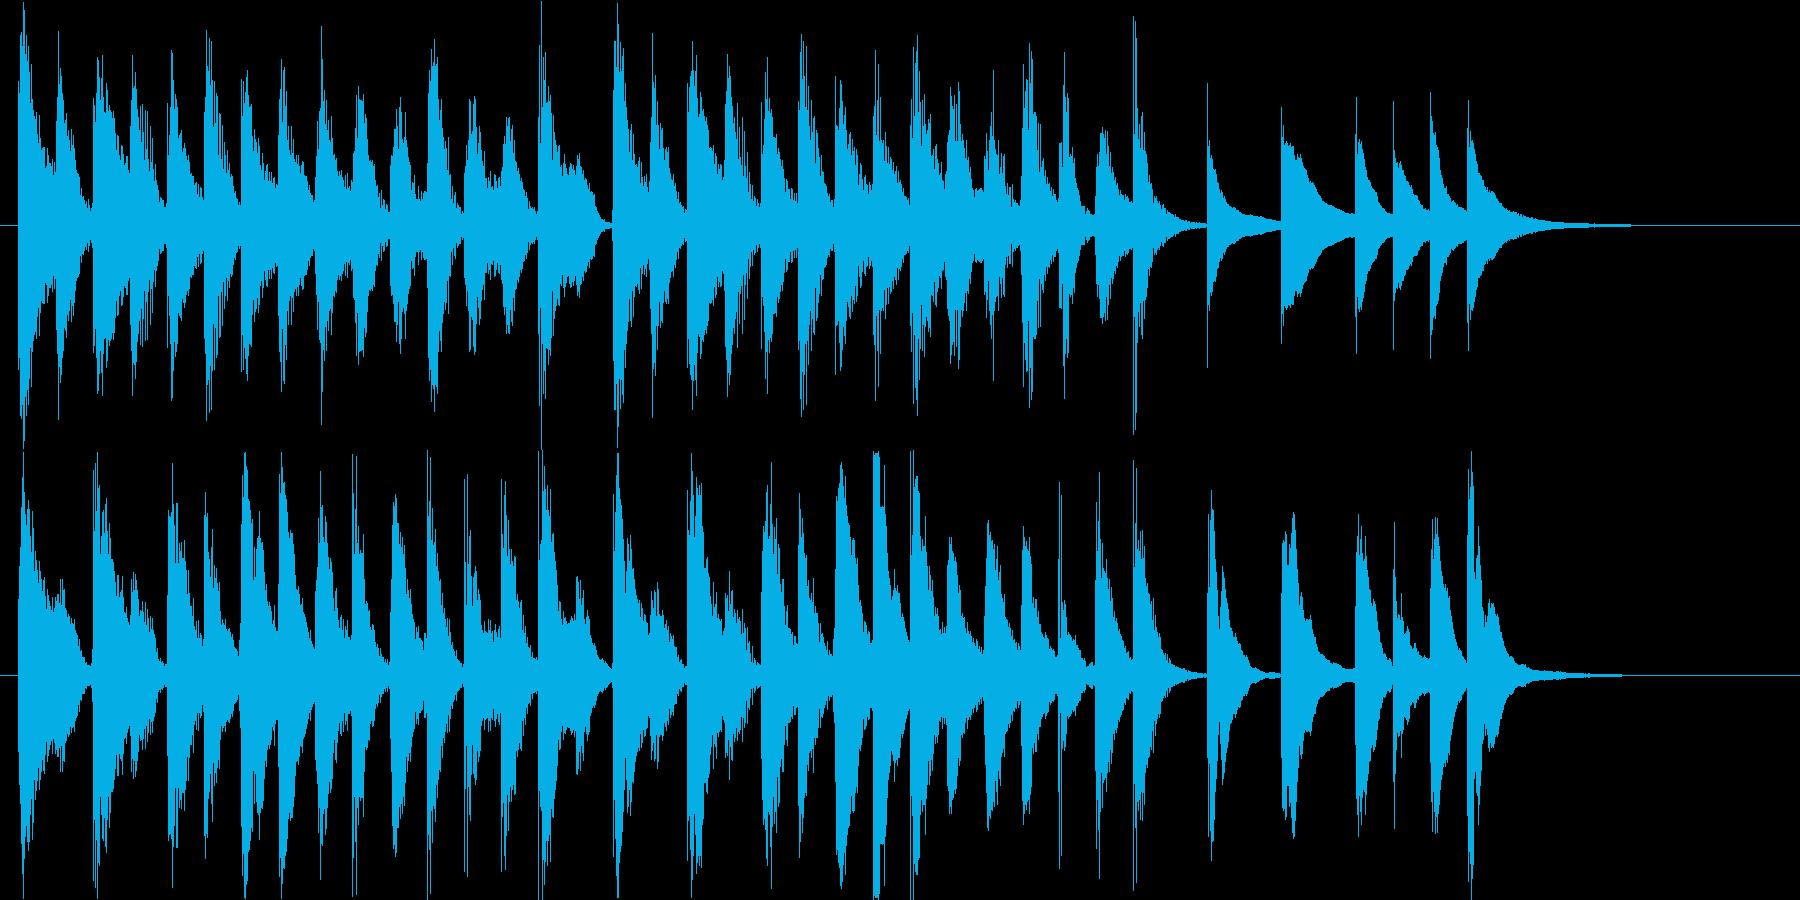 メディアでよく聴くアコースティックロゴの再生済みの波形